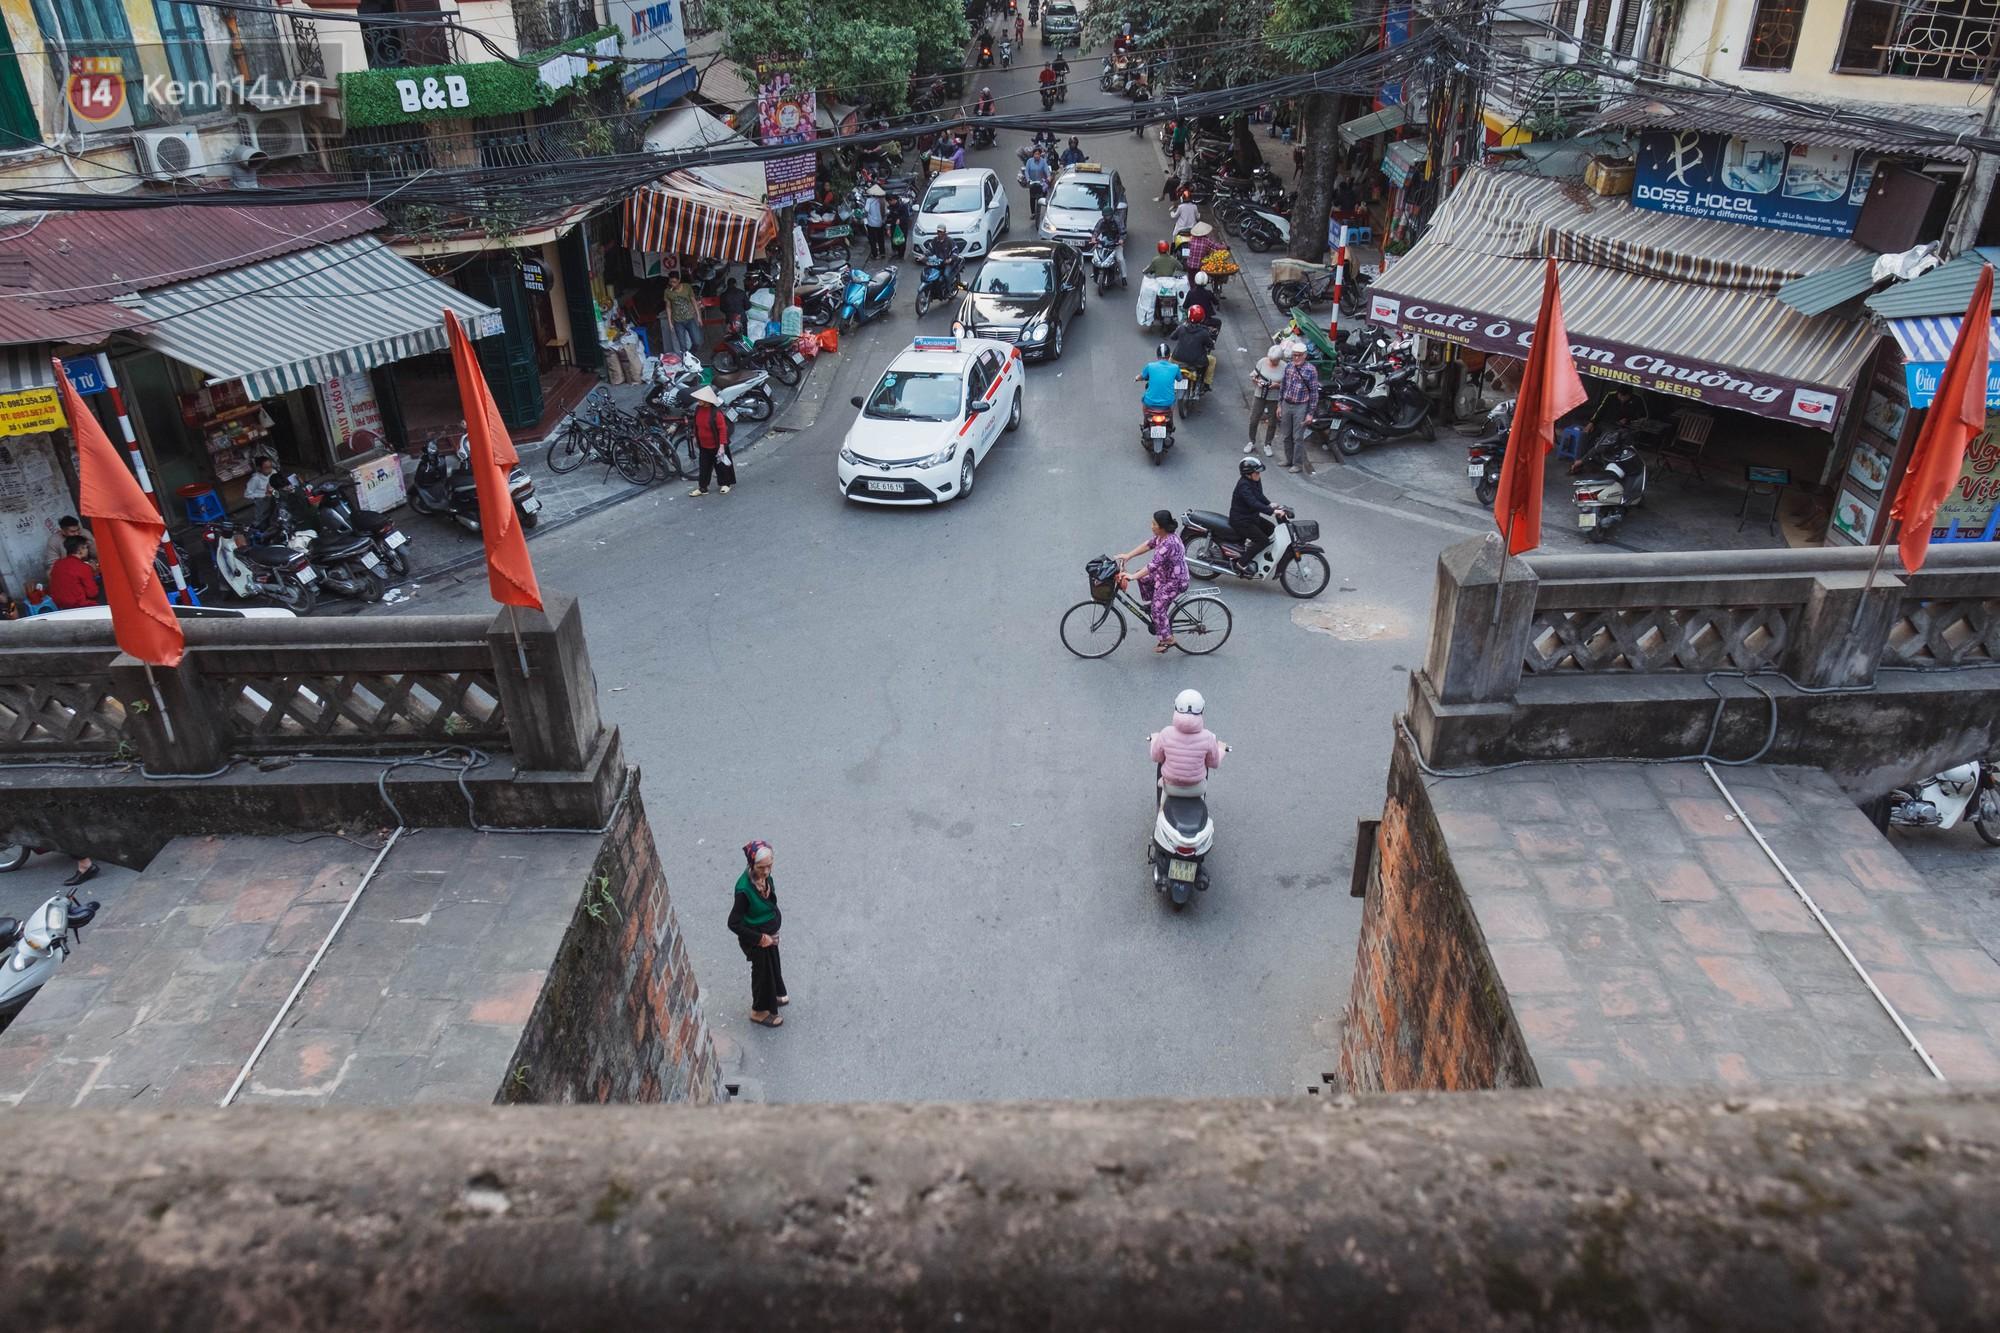 Chuyện người đàn ông ở Hà Nội 20 năm canh giữ cửa ô duy nhất còn lại của kinh thành Thăng Long xưa 3